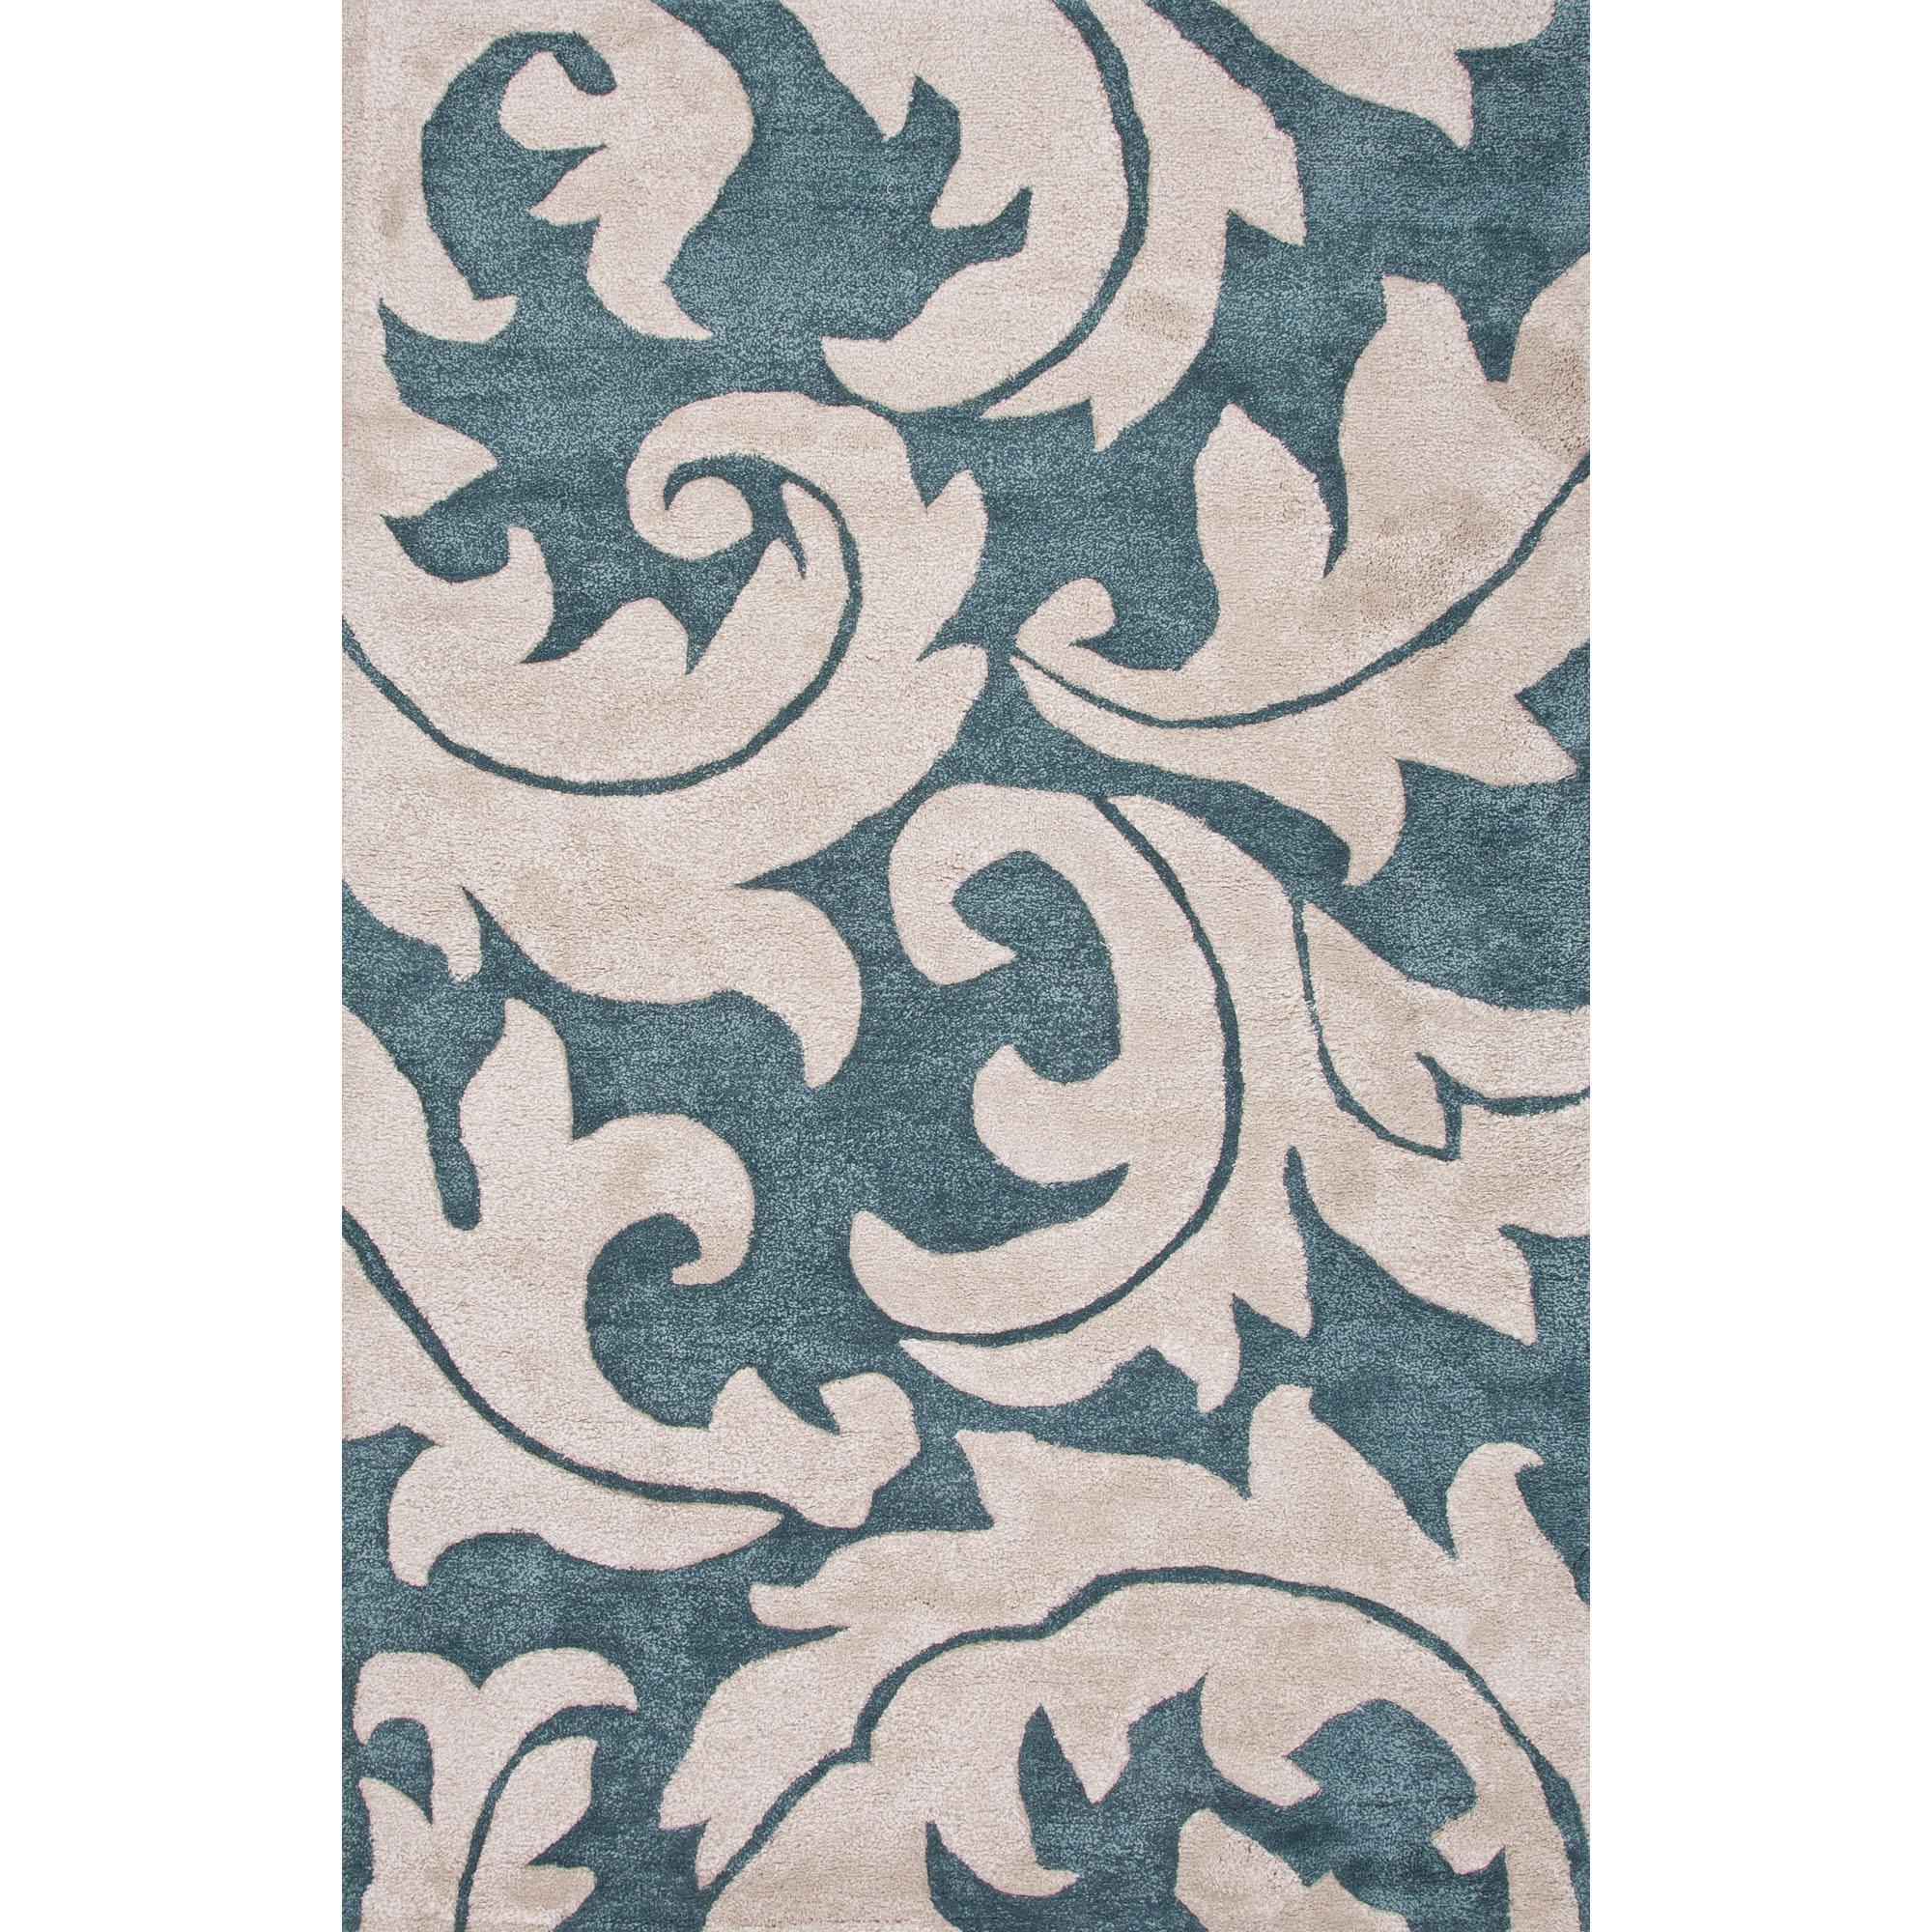 JAIPUR Rugs Blue 8 x 10 Rug - Item Number: RUG121249